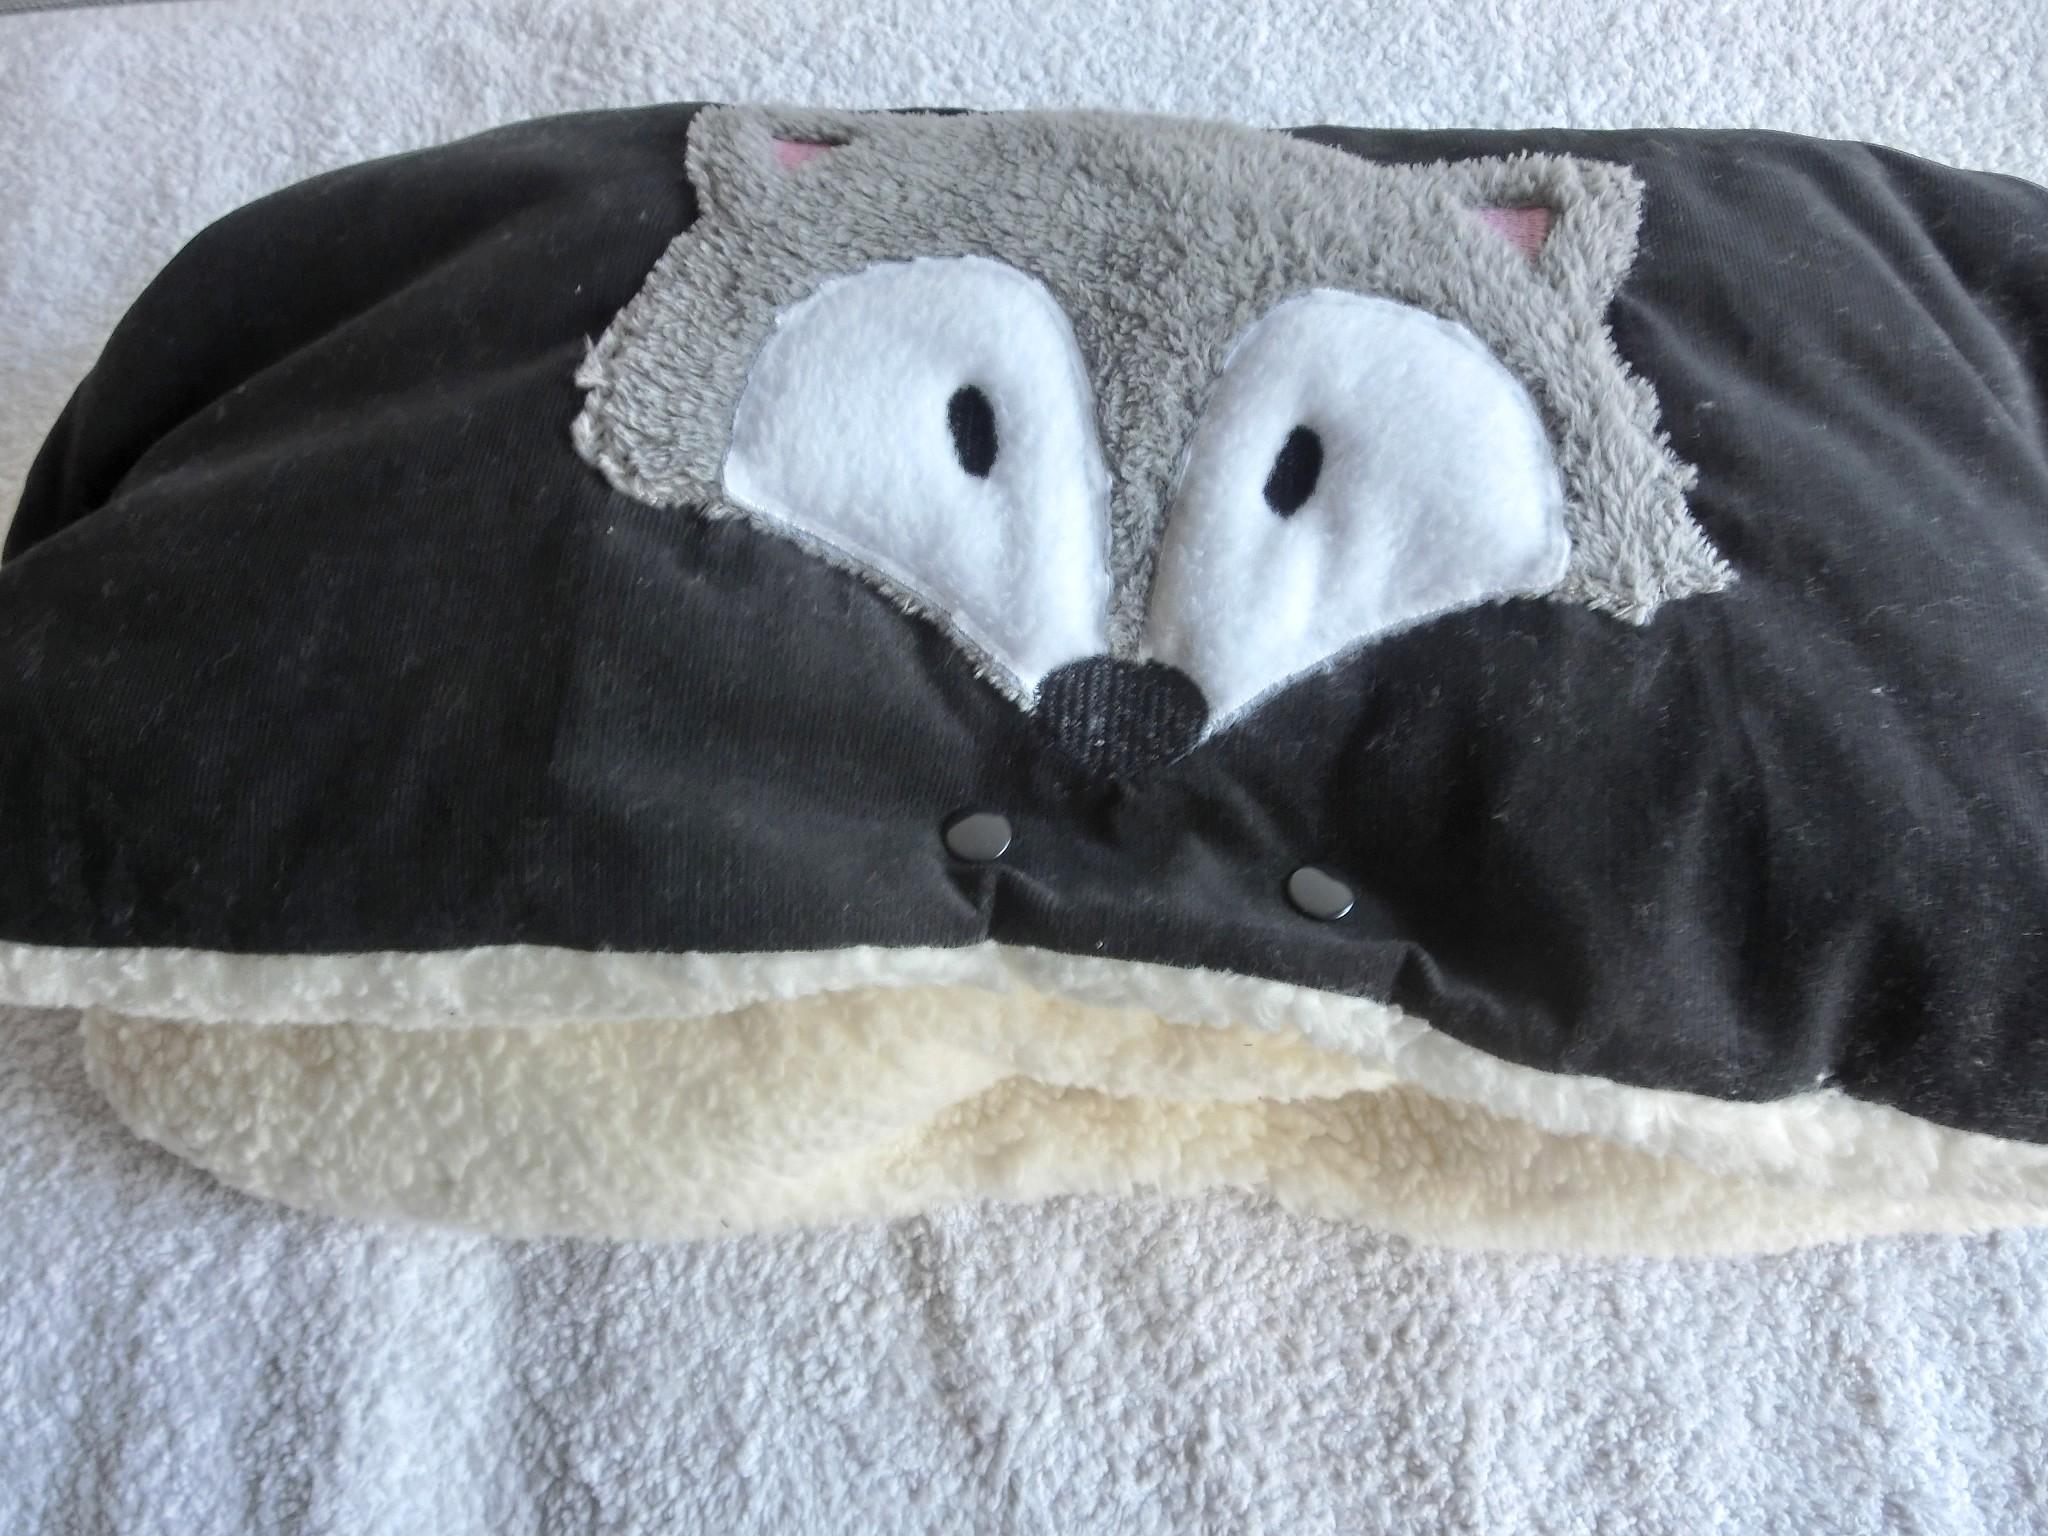 zauber strass zuckers er kinderwagenmuff muff fuchs teddy pl sch. Black Bedroom Furniture Sets. Home Design Ideas